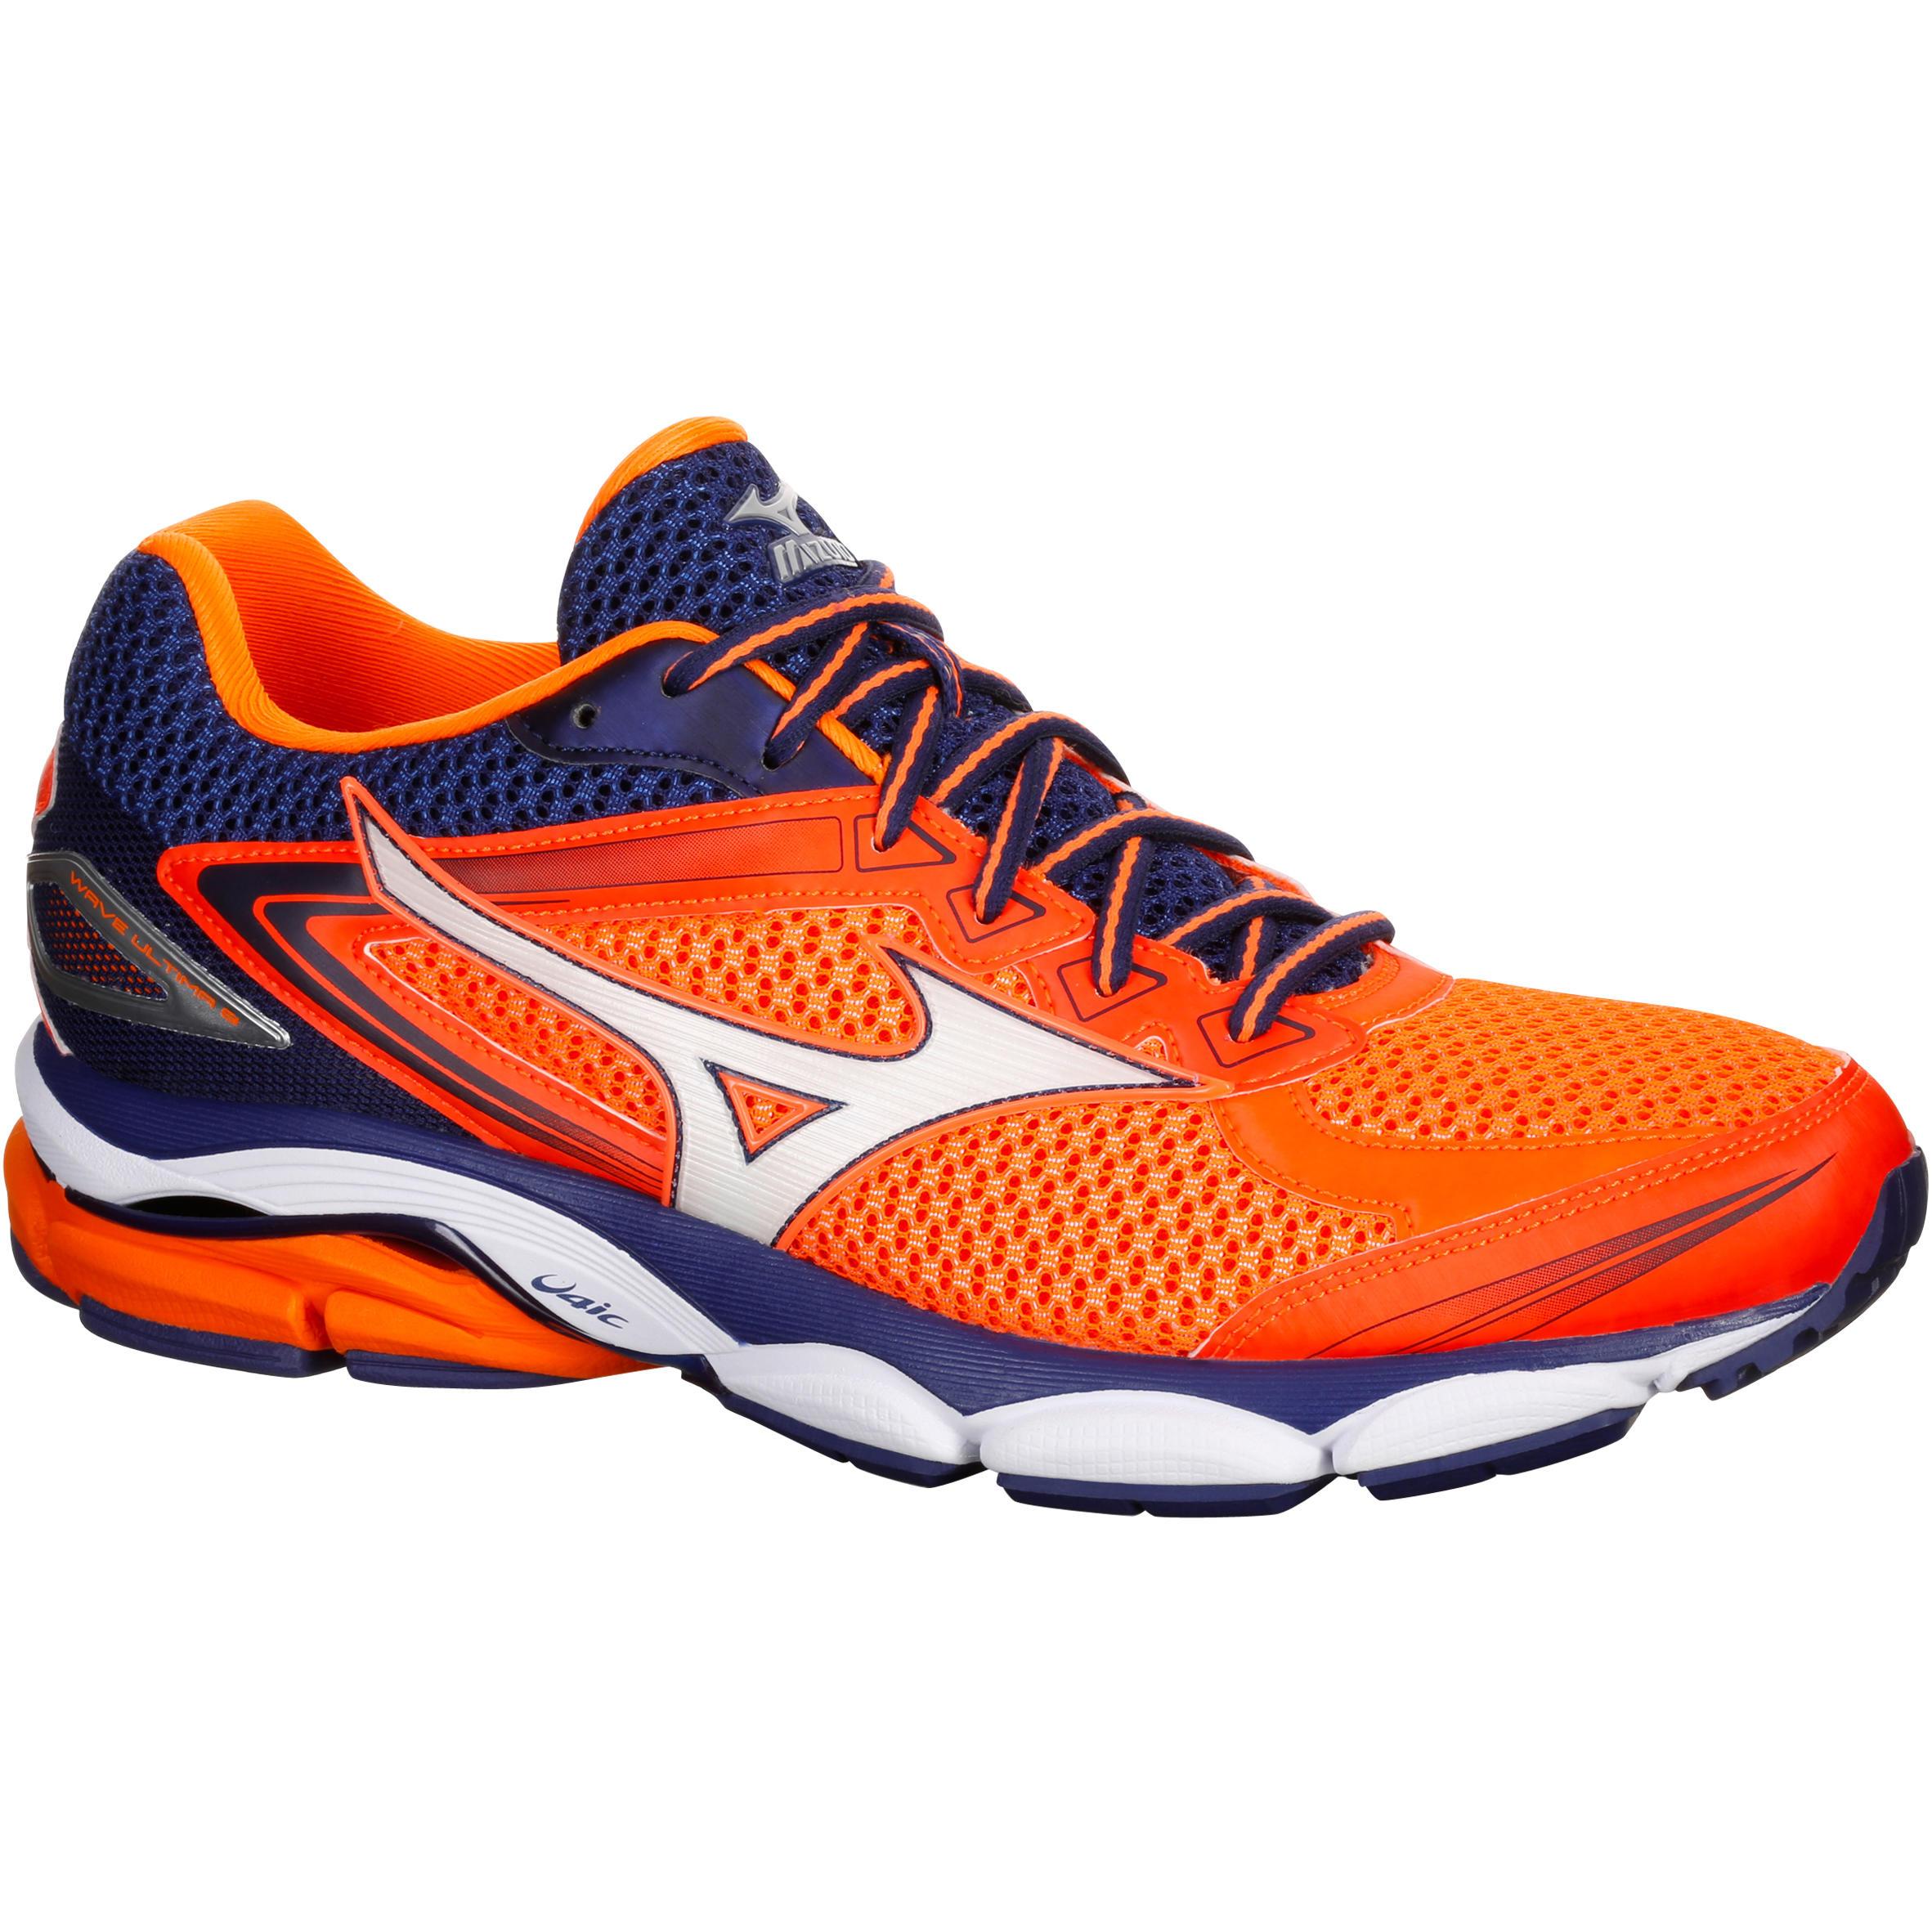 chaussure mizuno running homme